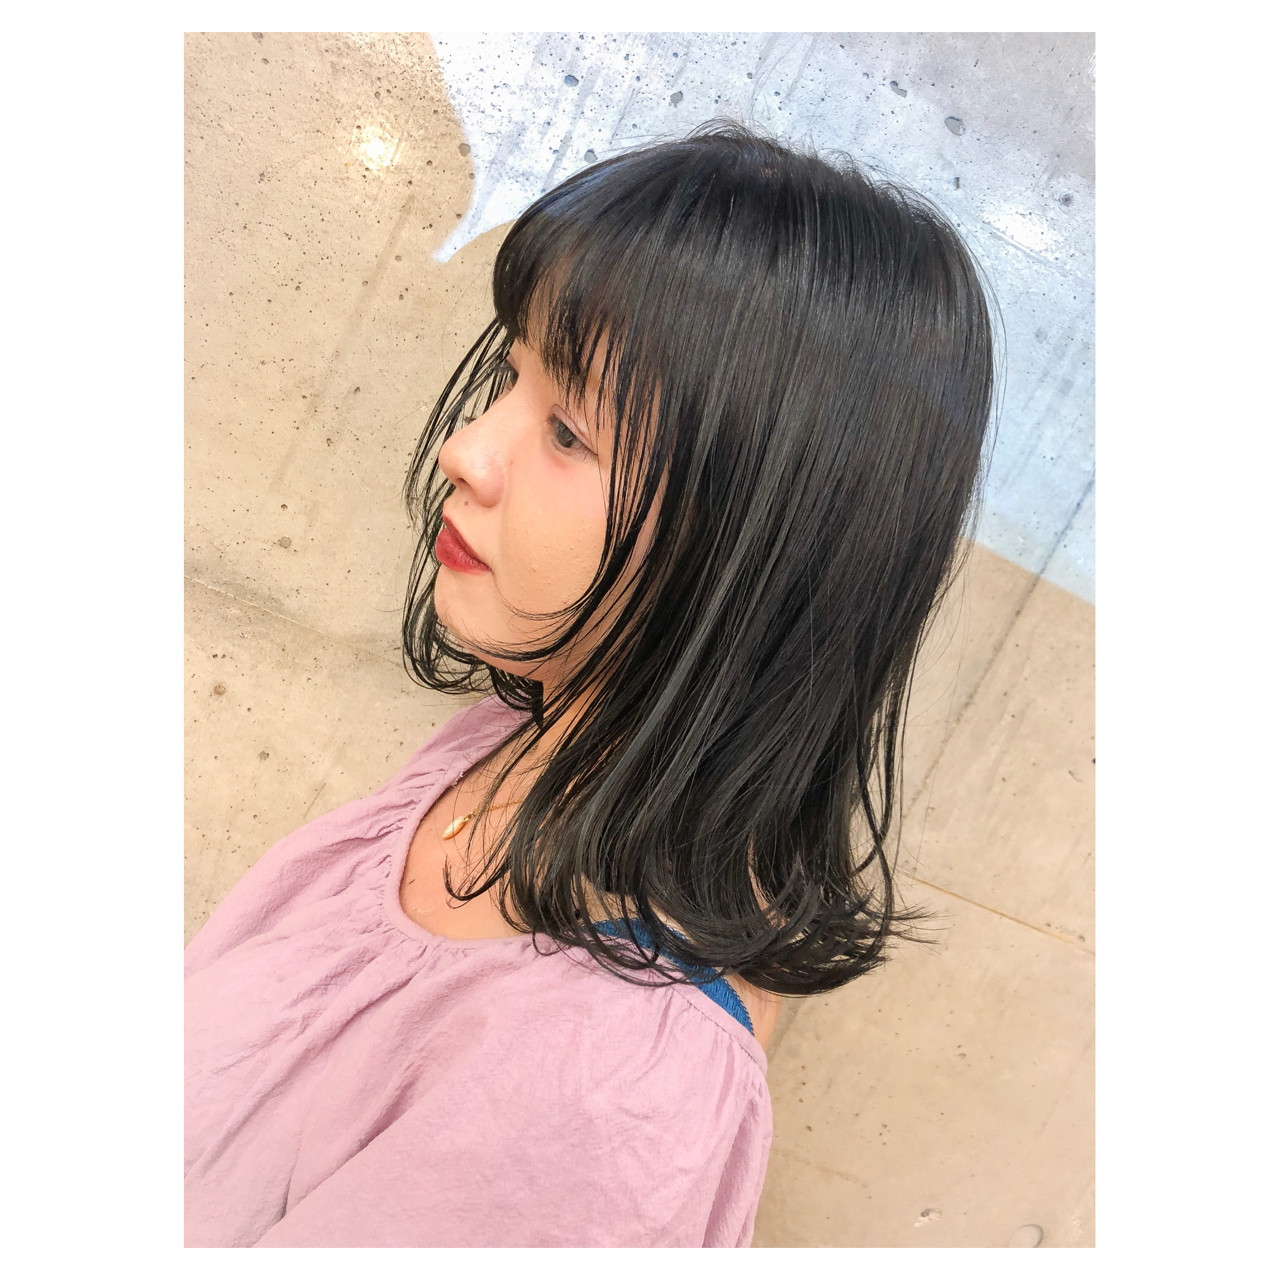 ラベンダーアッシュ ガーリー ミディアム ハイライト ヘアスタイルや髪型の写真・画像